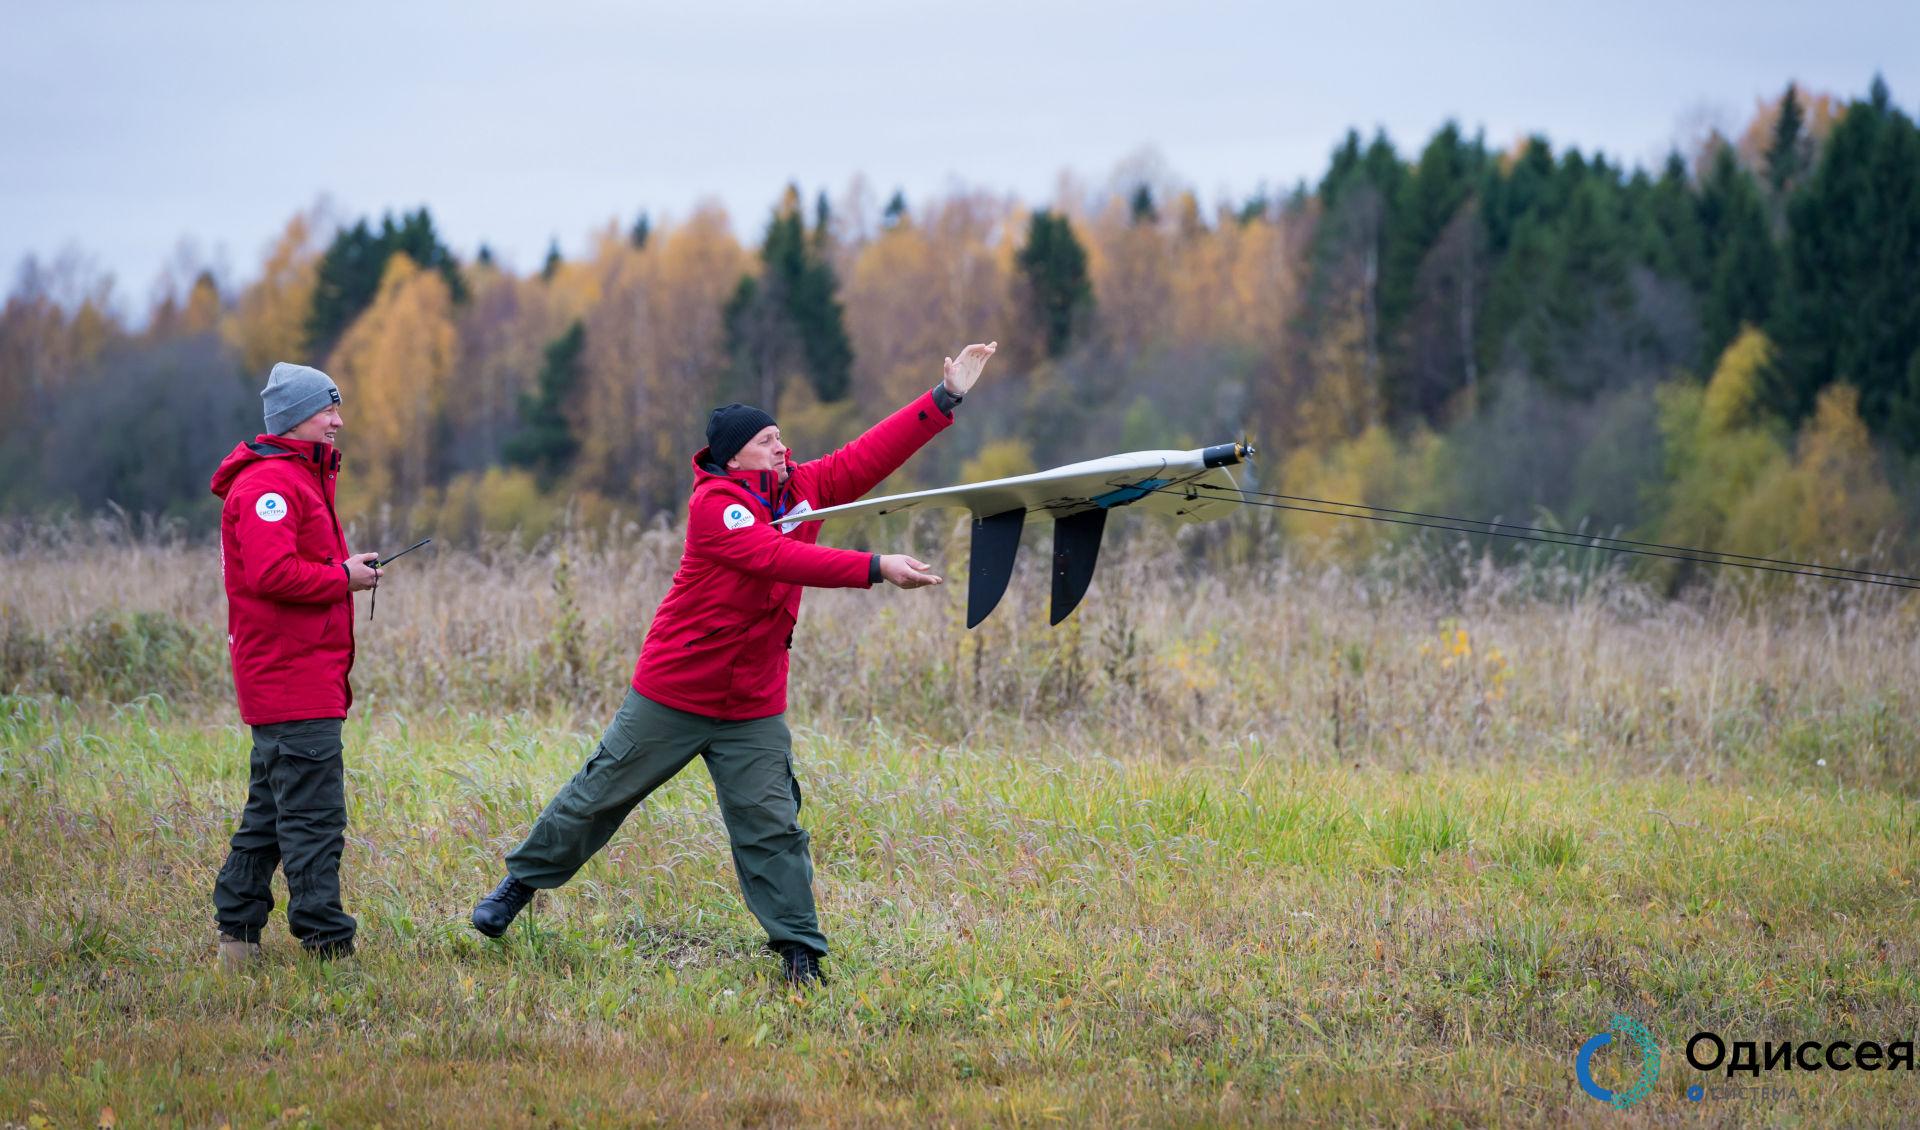 Обыскать 314 км² за 10 часов — финальное сражение инженеров-поисковиков против леса